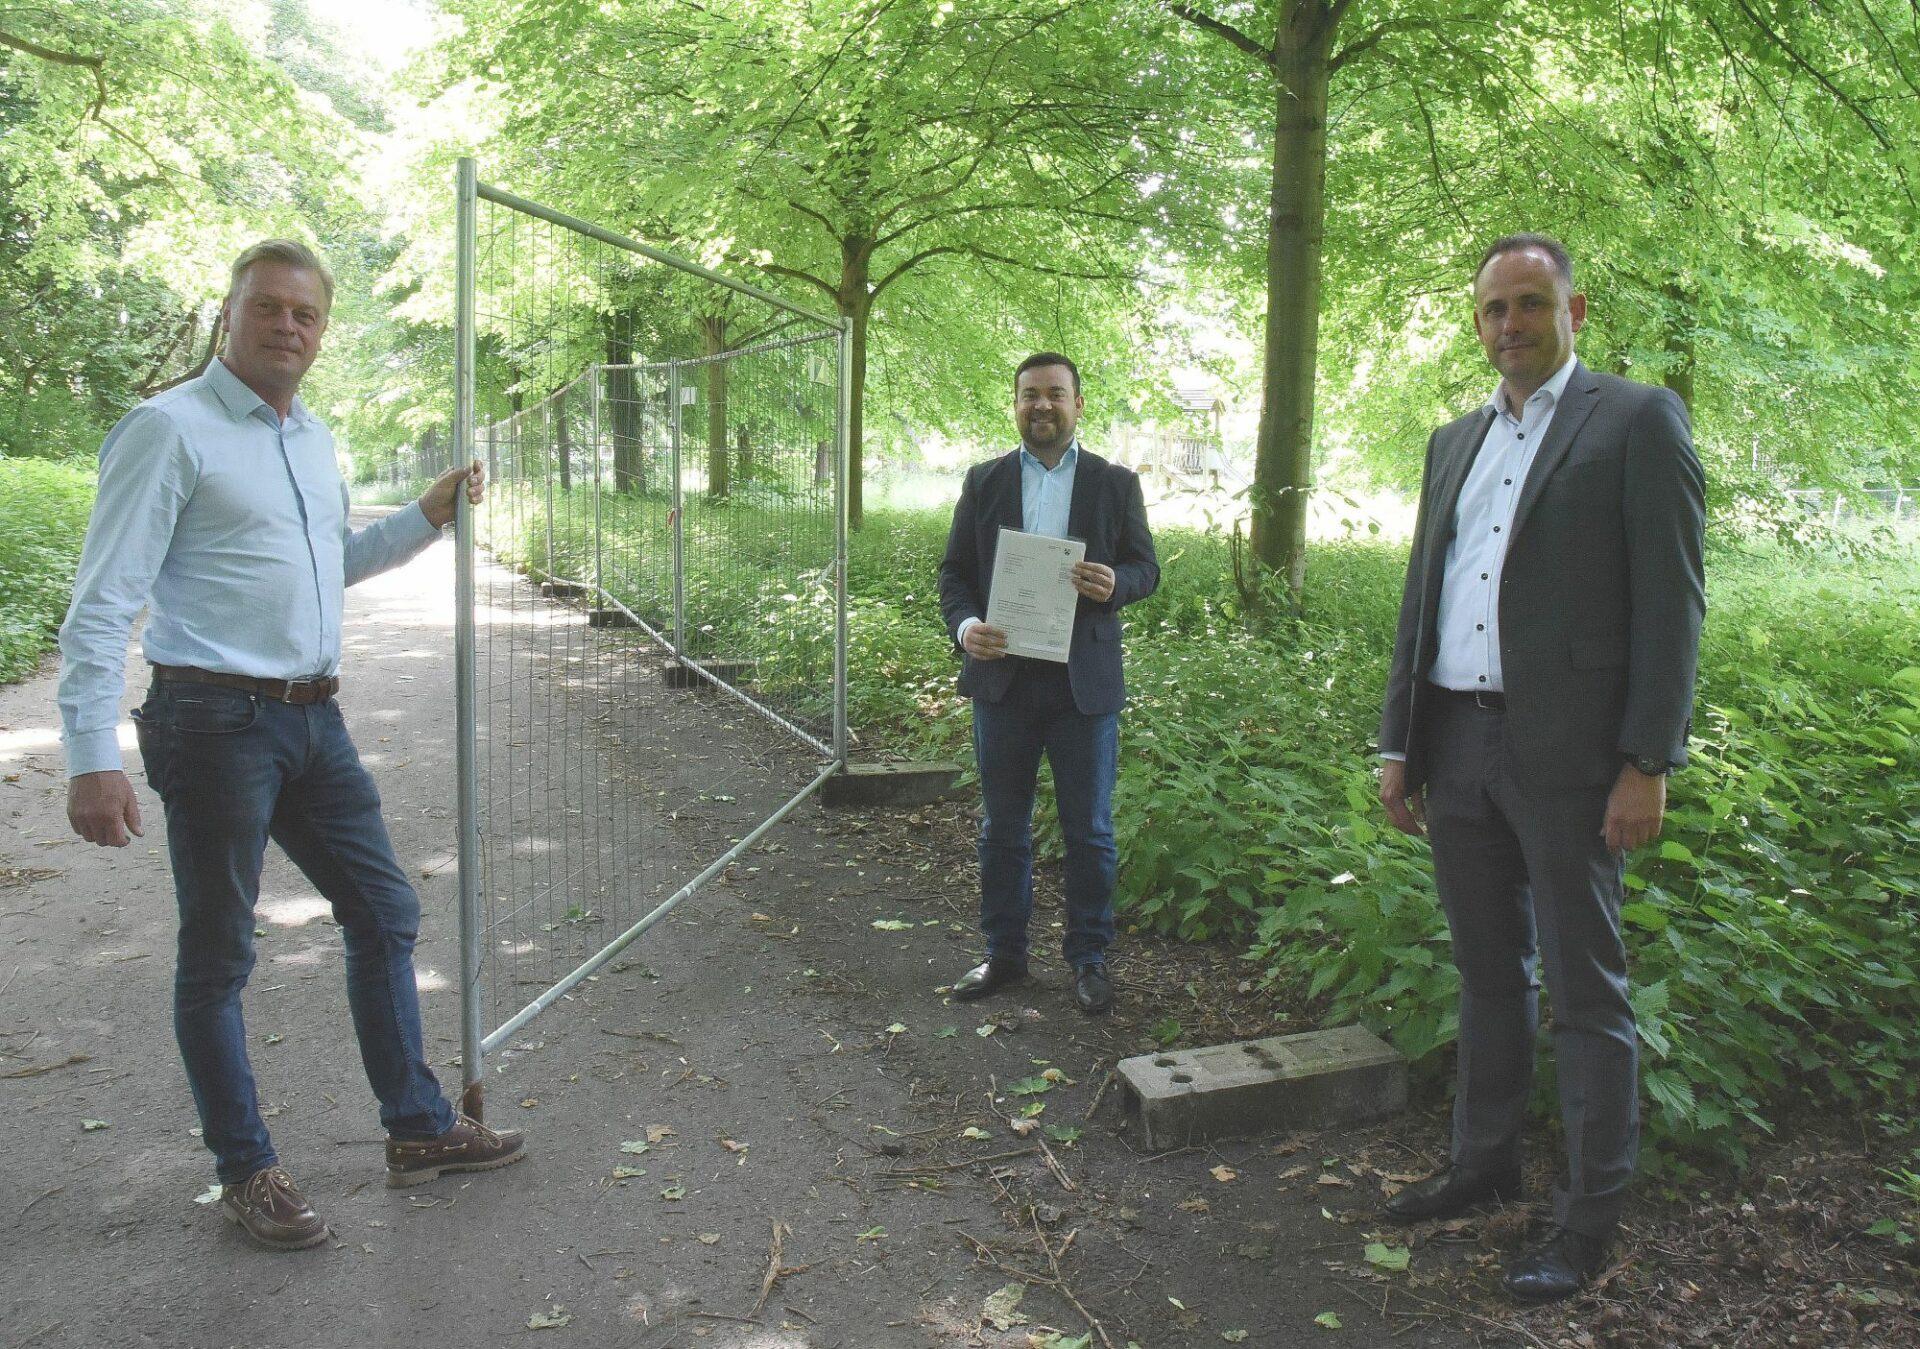 Spielplatz in Schwerte-Ost: Altlasten werden entsorgt – 540.800 Euro Fördergelder